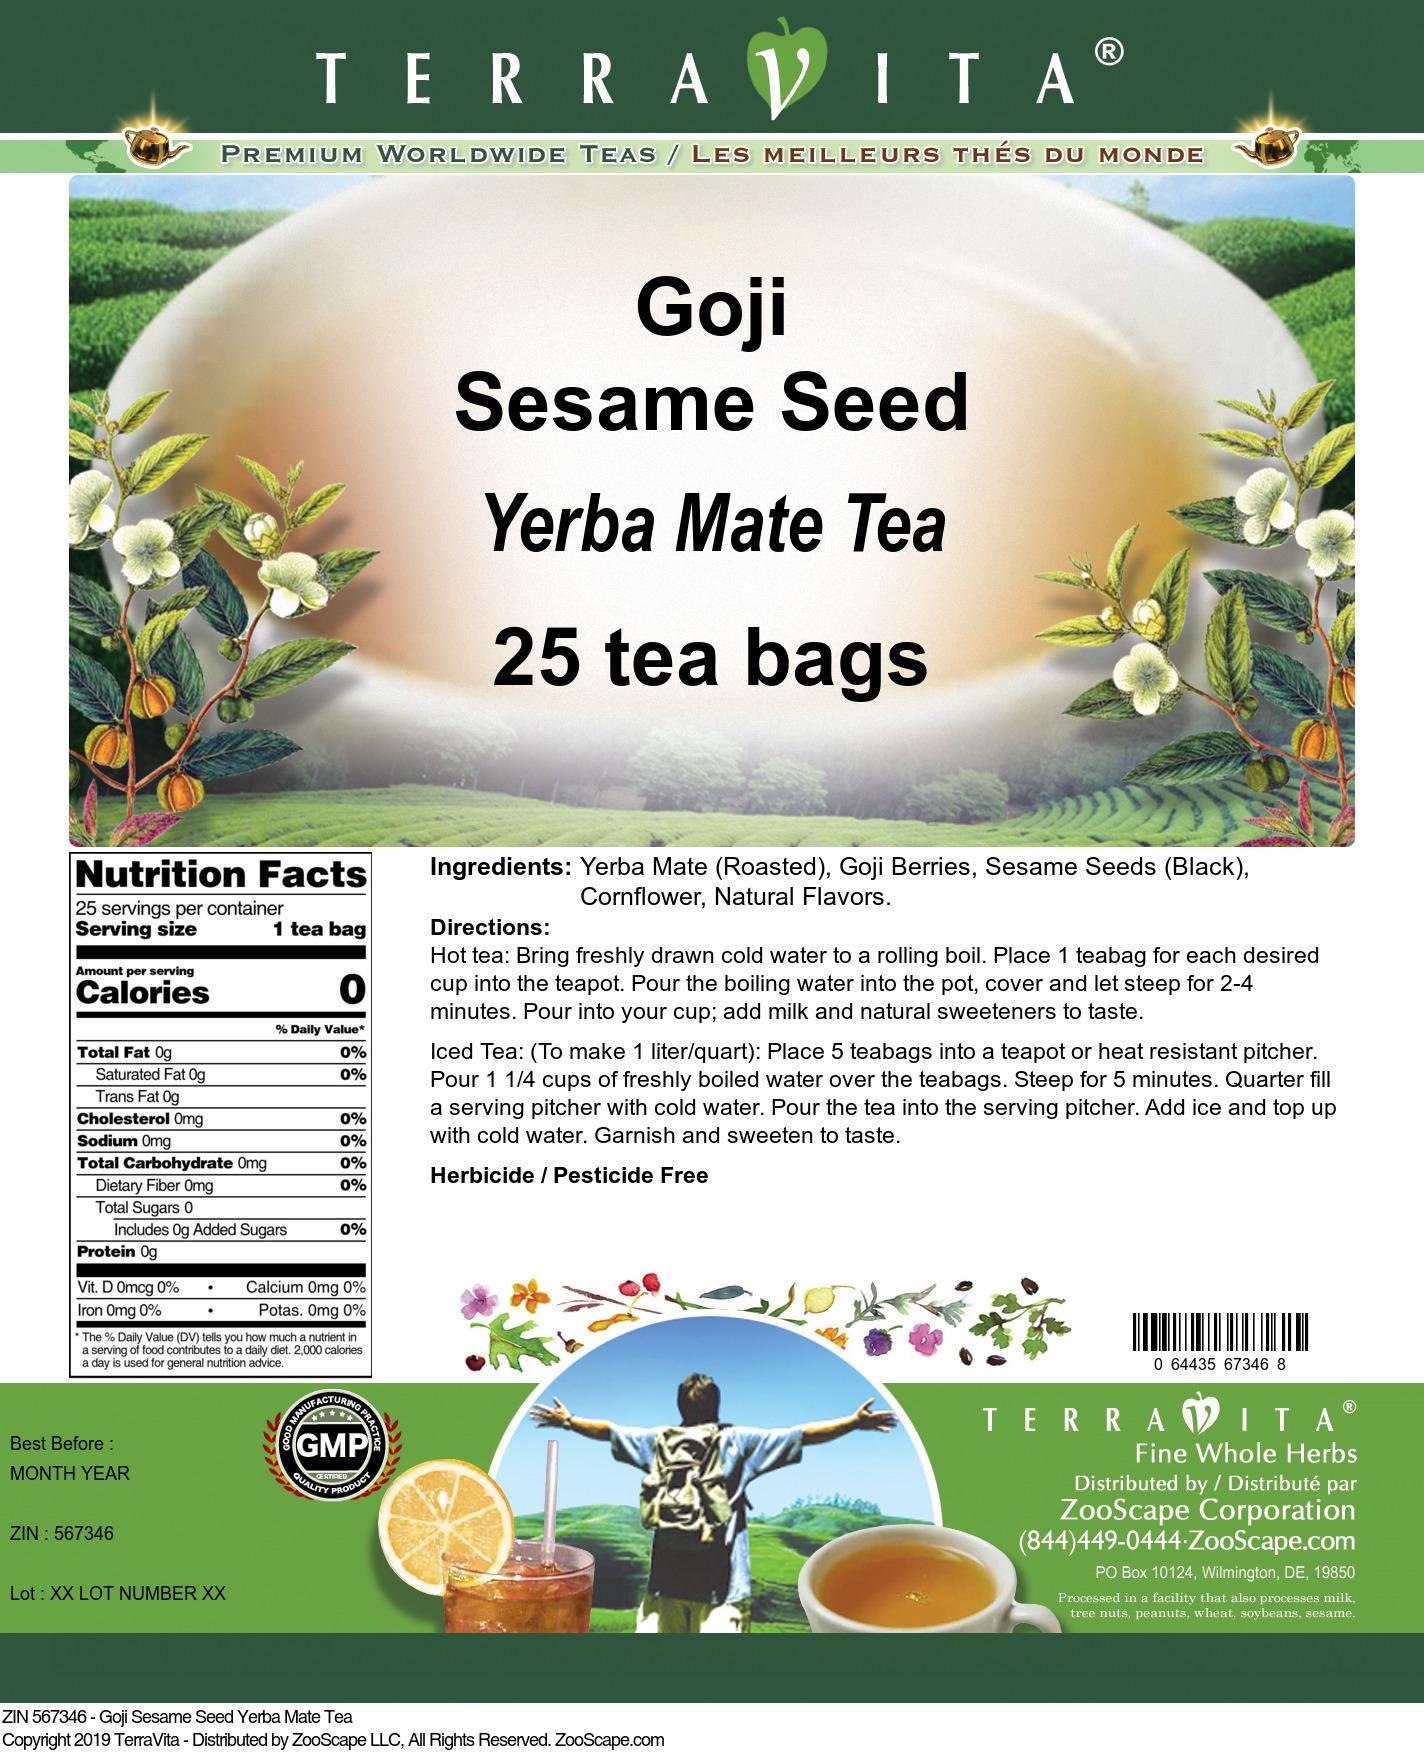 Goji Sesame Seed Yerba Mate